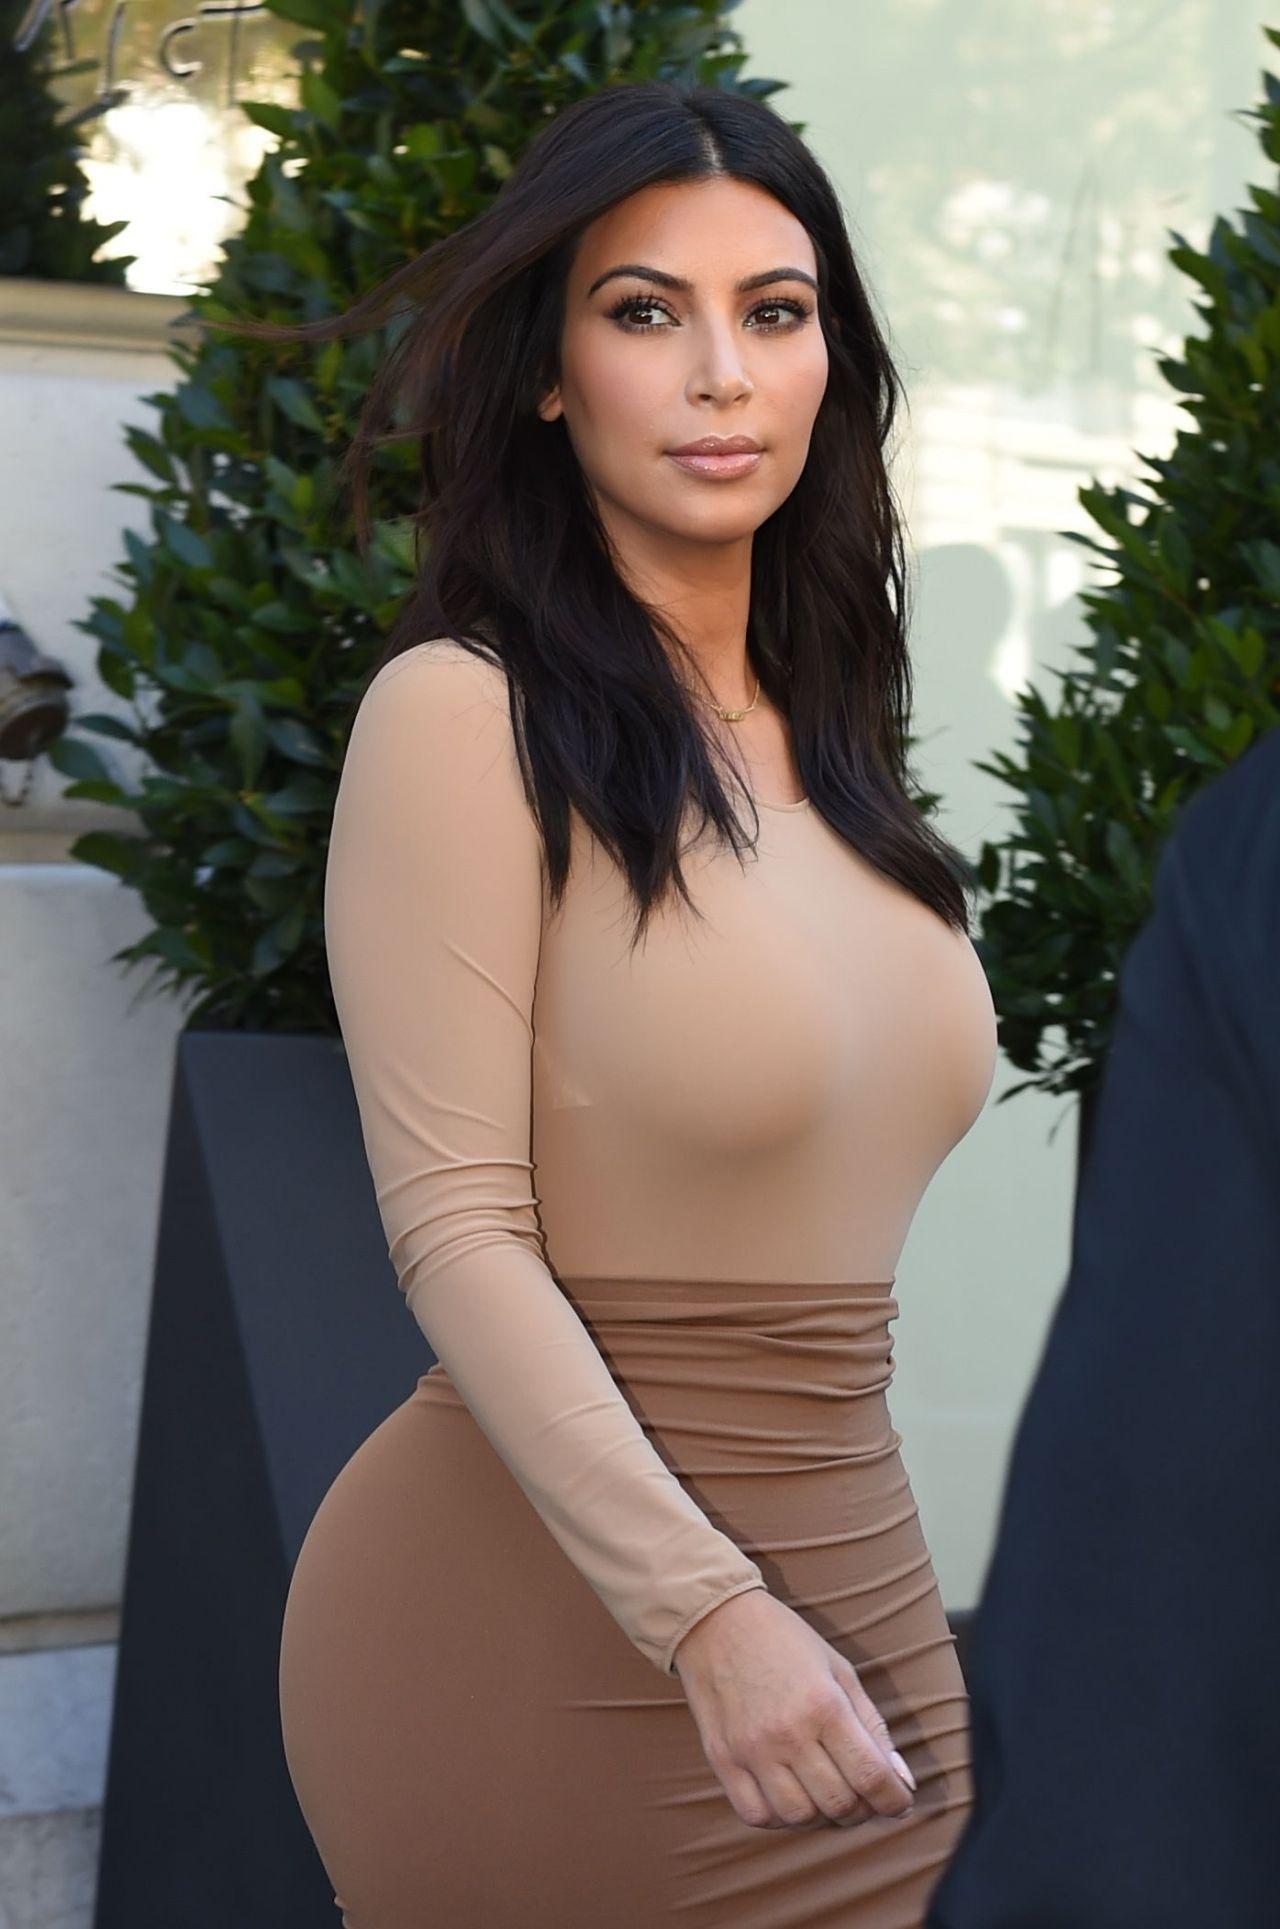 Pin by Johanna on kardashian jenner | Kim kardashian